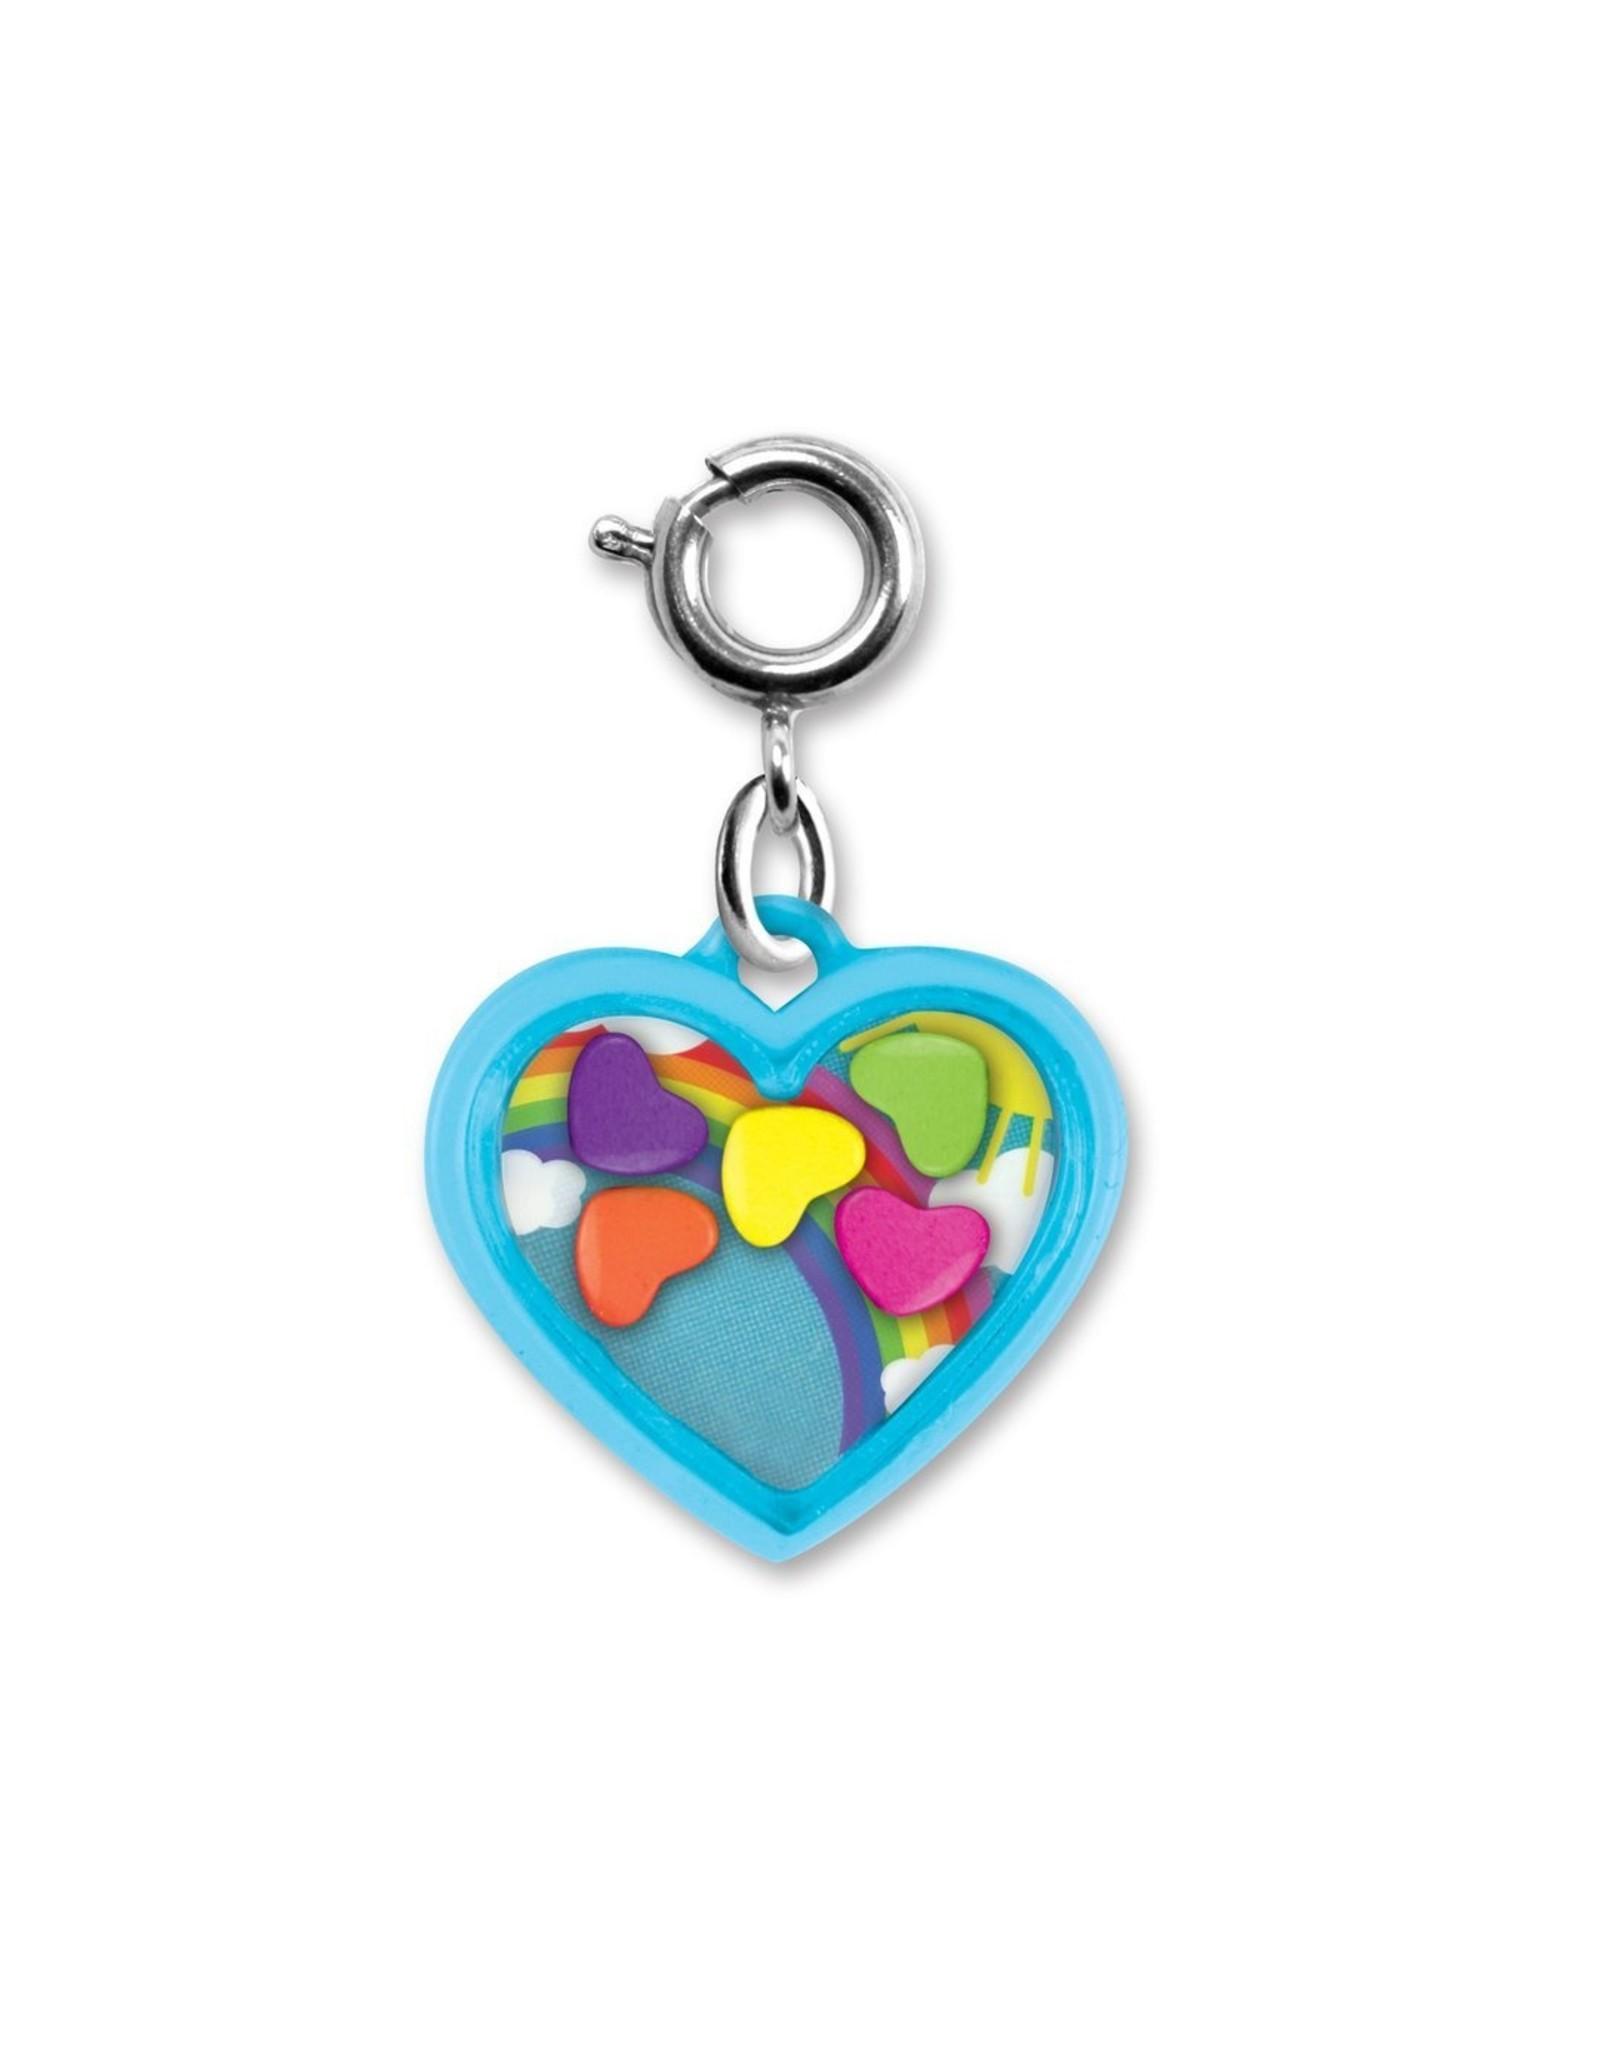 Charm-It Rainbow Heart Shaker